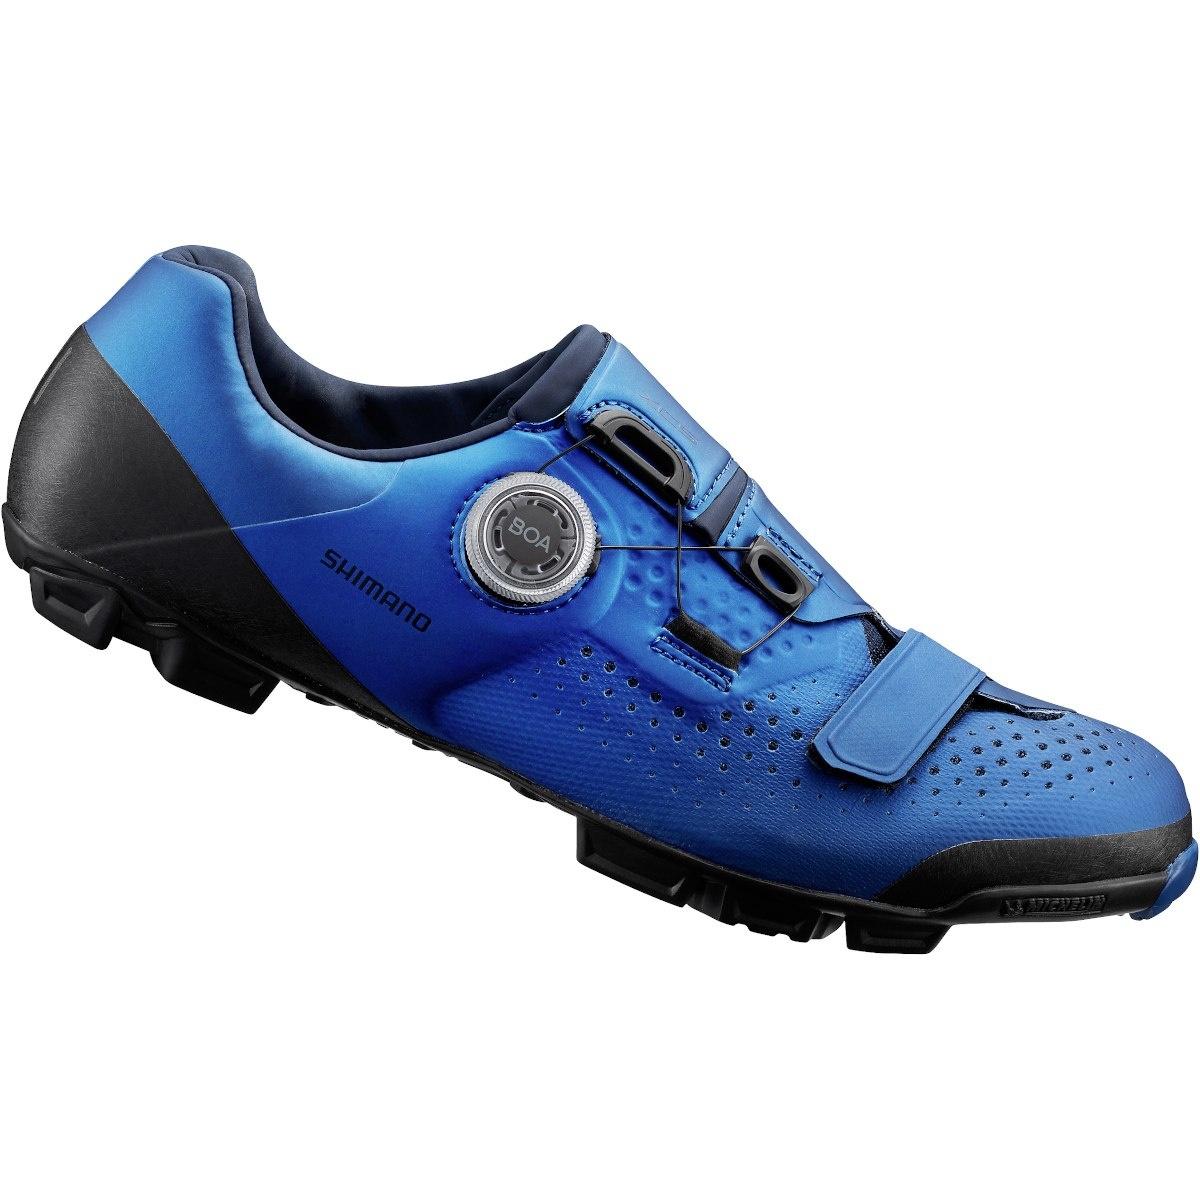 Schoenen XC501 Blauw-1